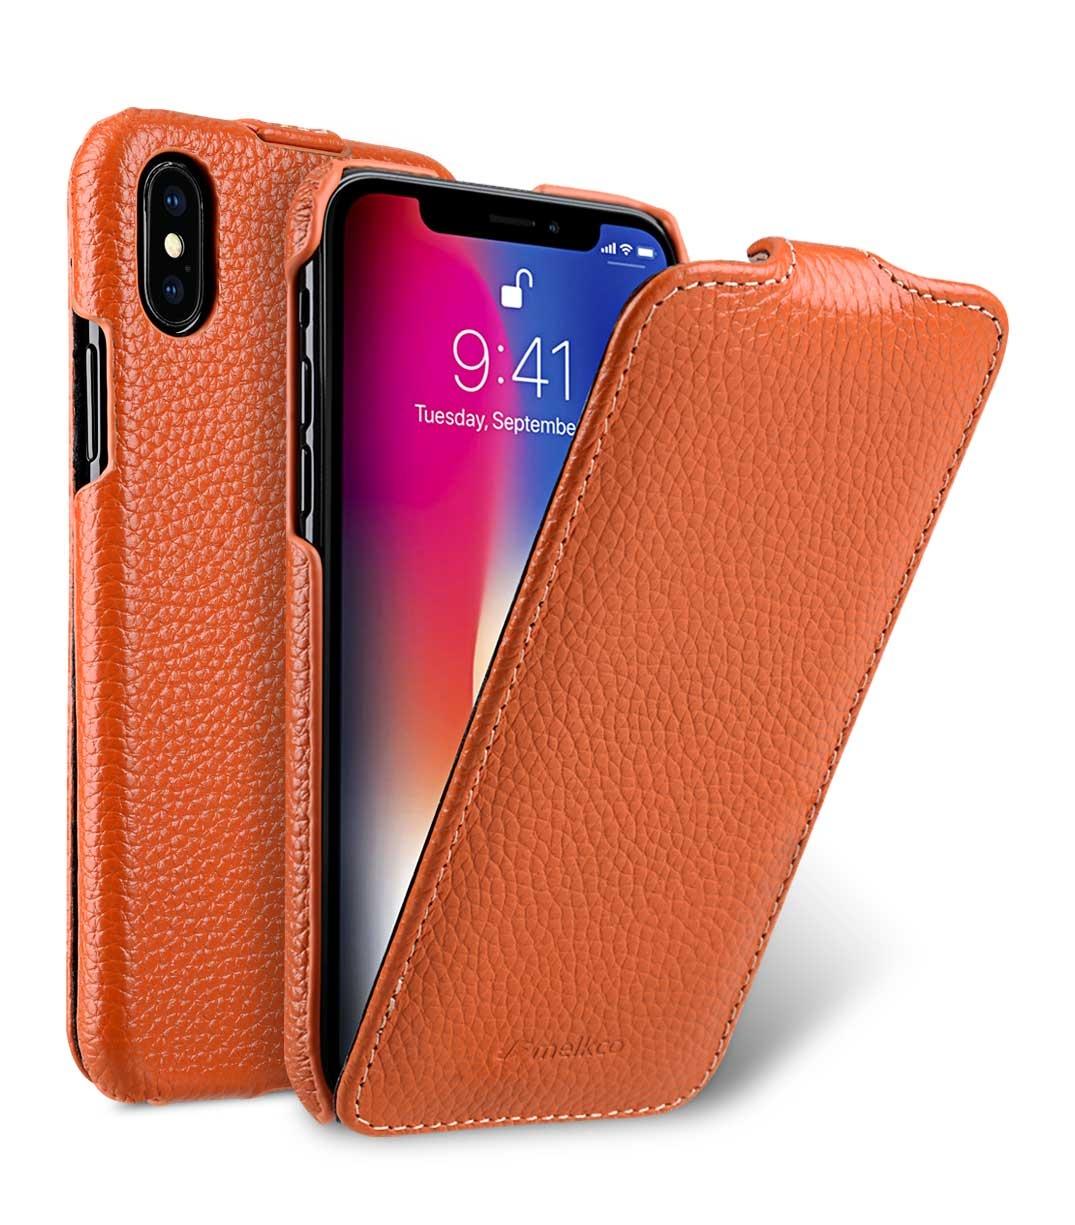 Чехол для сотового телефона Melkco Кожаный чехол флип для Apple iPhone X/XS - Jacka Type, оранжевый чехол для сотового телефона melkco кожаный чехол флип для apple iphone x xs jacka type сиреневый